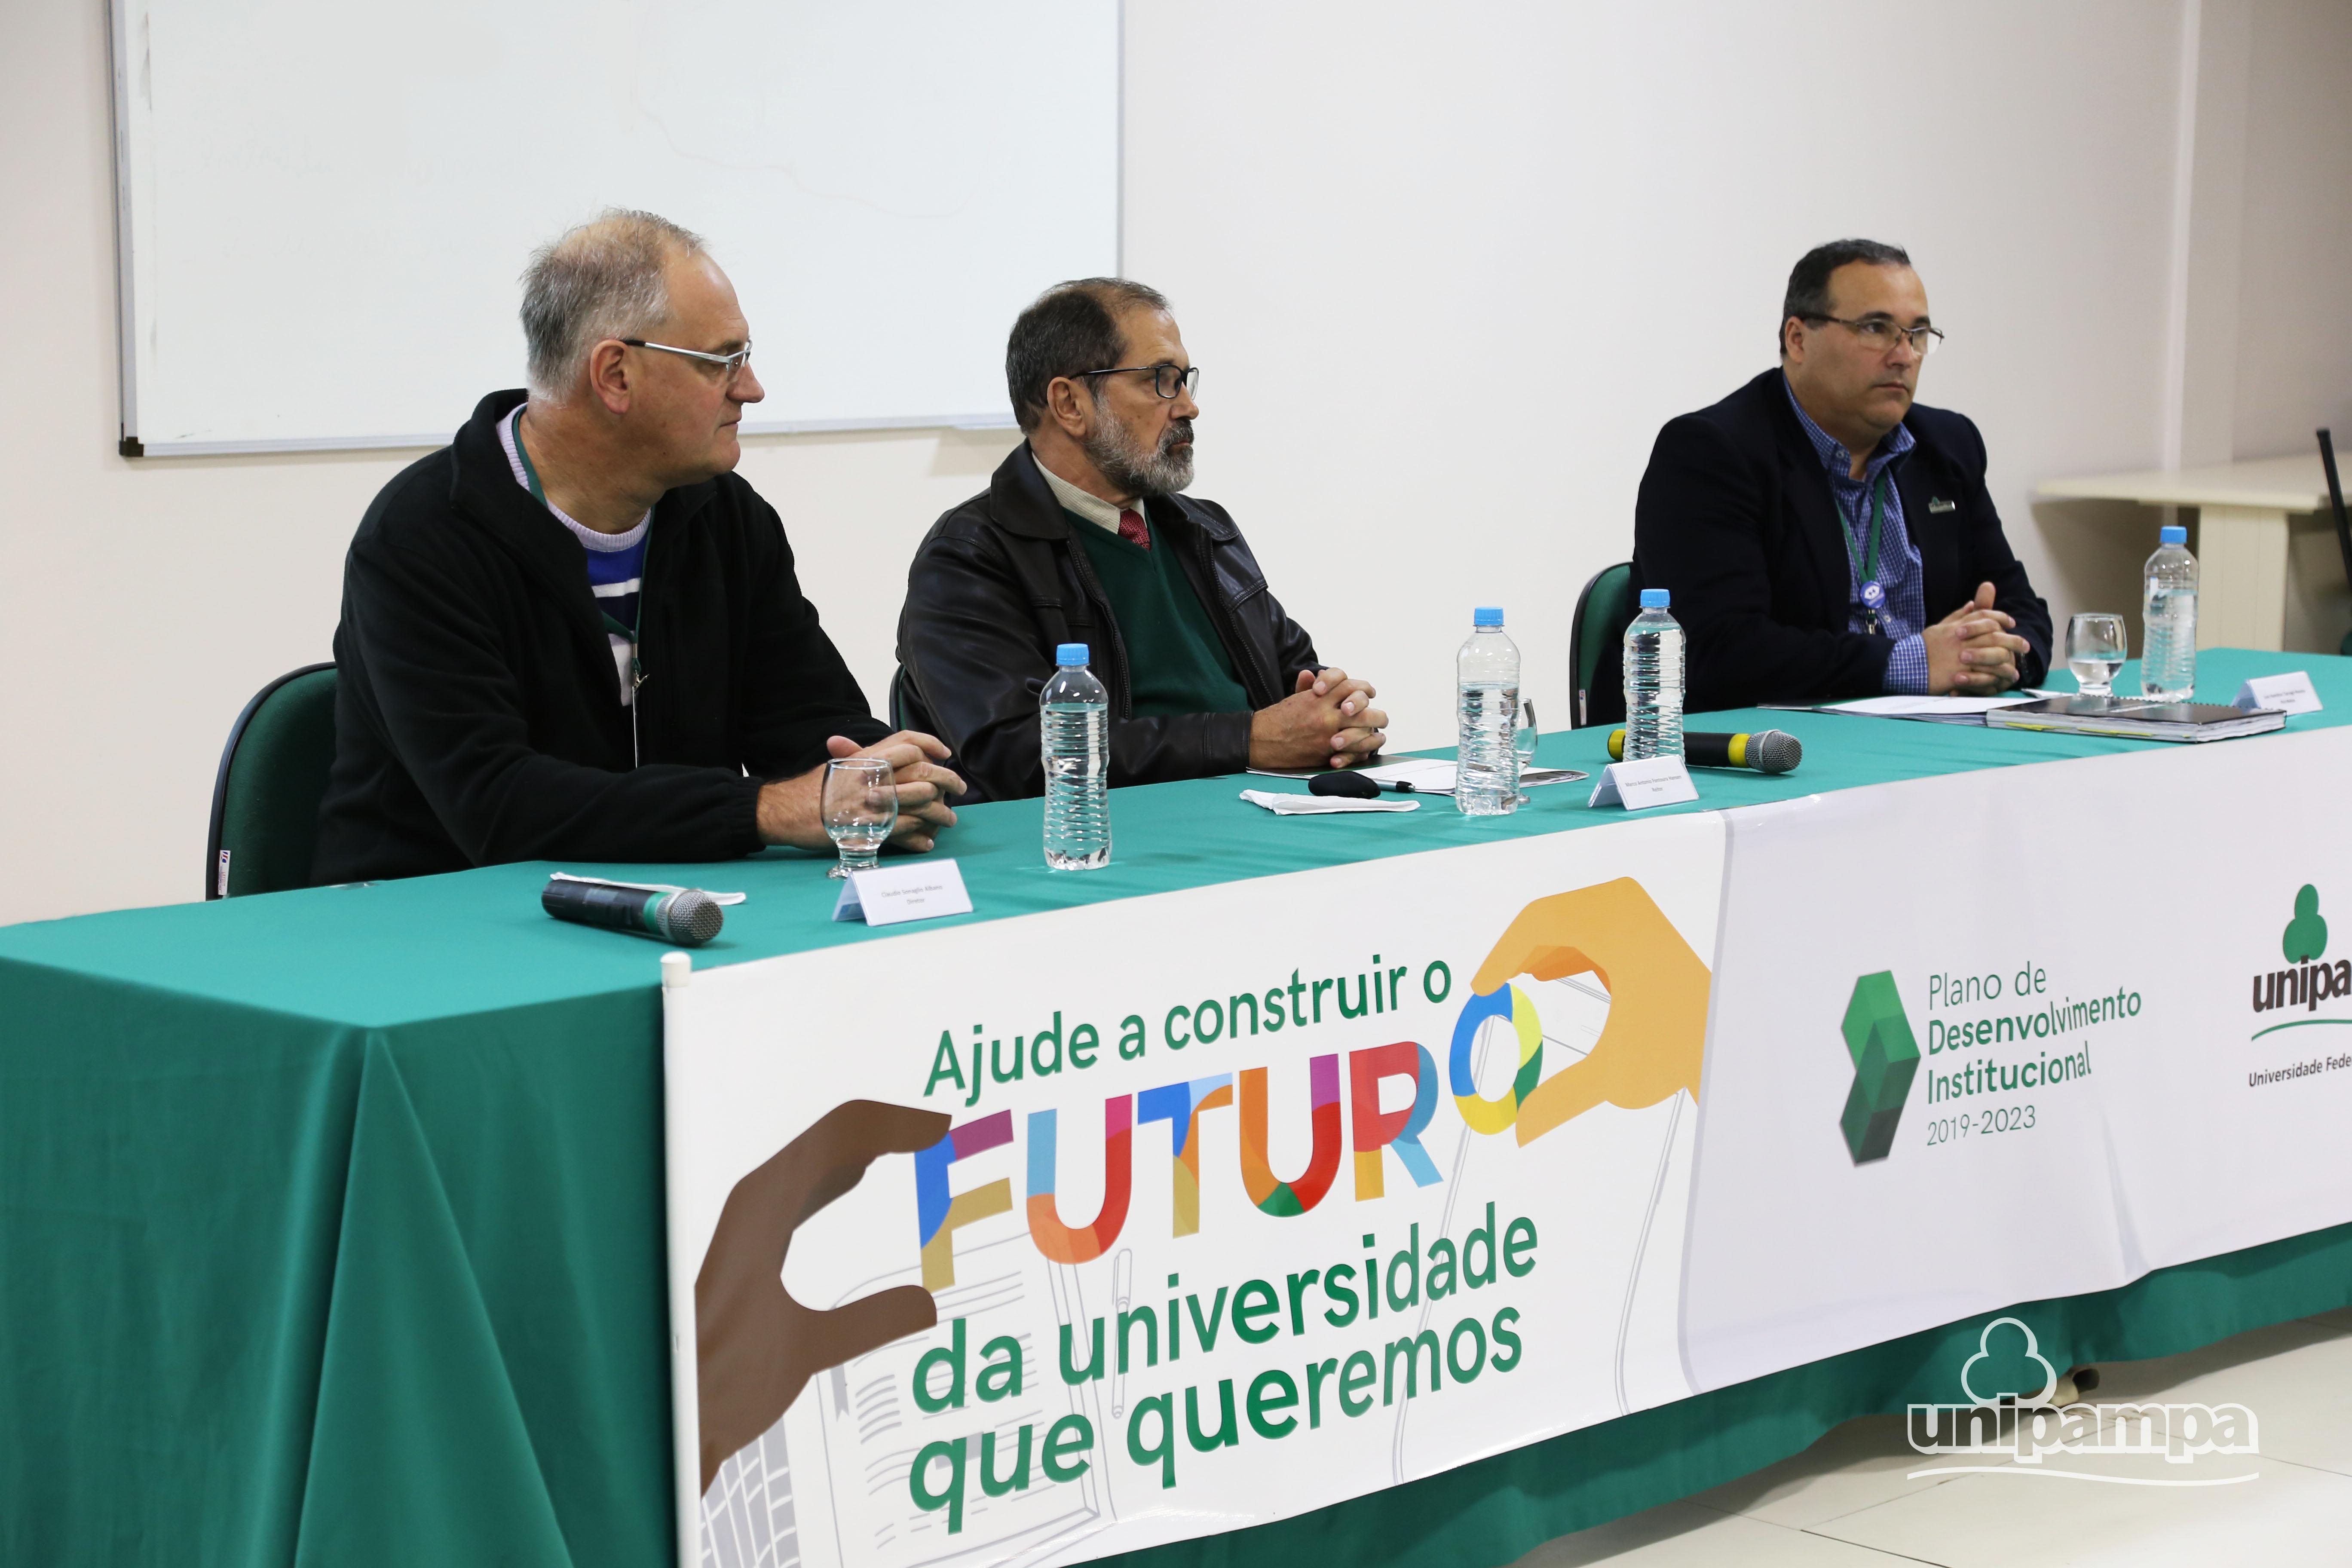 Lançamento do processo de elaboração do PDI aconteceu na última segunda-feira, 11. Foto: Ronaldo Estevam